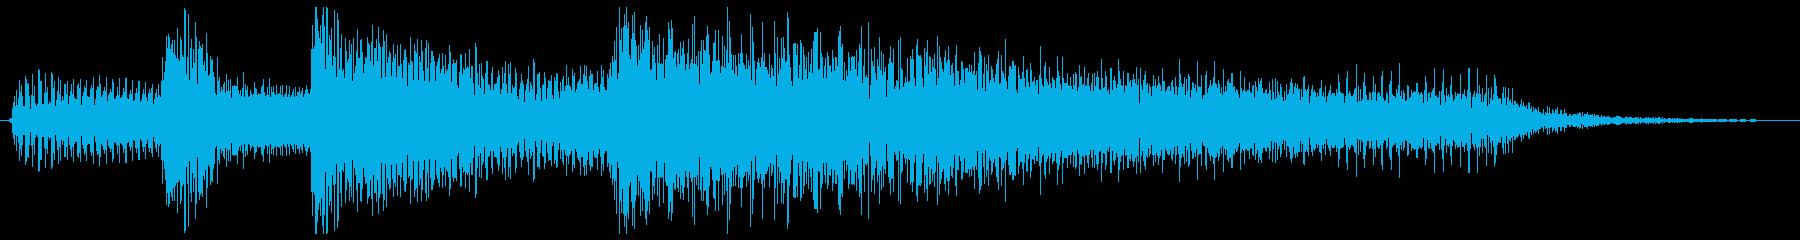 3拍子ワルツ クラシカルなジングルの再生済みの波形